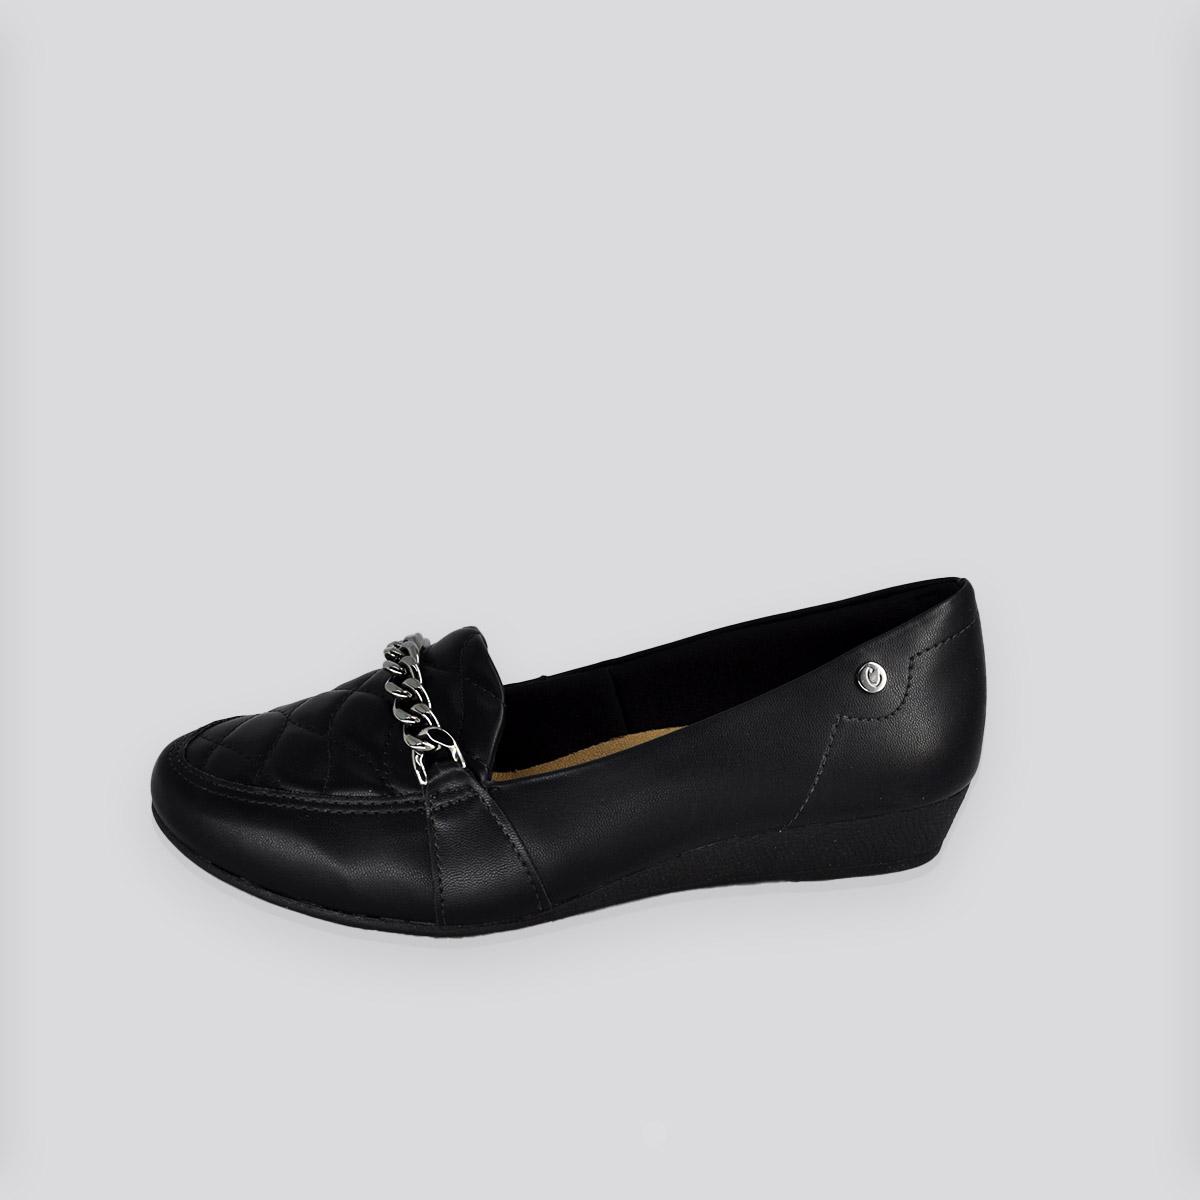 Sapato Feminino  Campesi Preto Napa